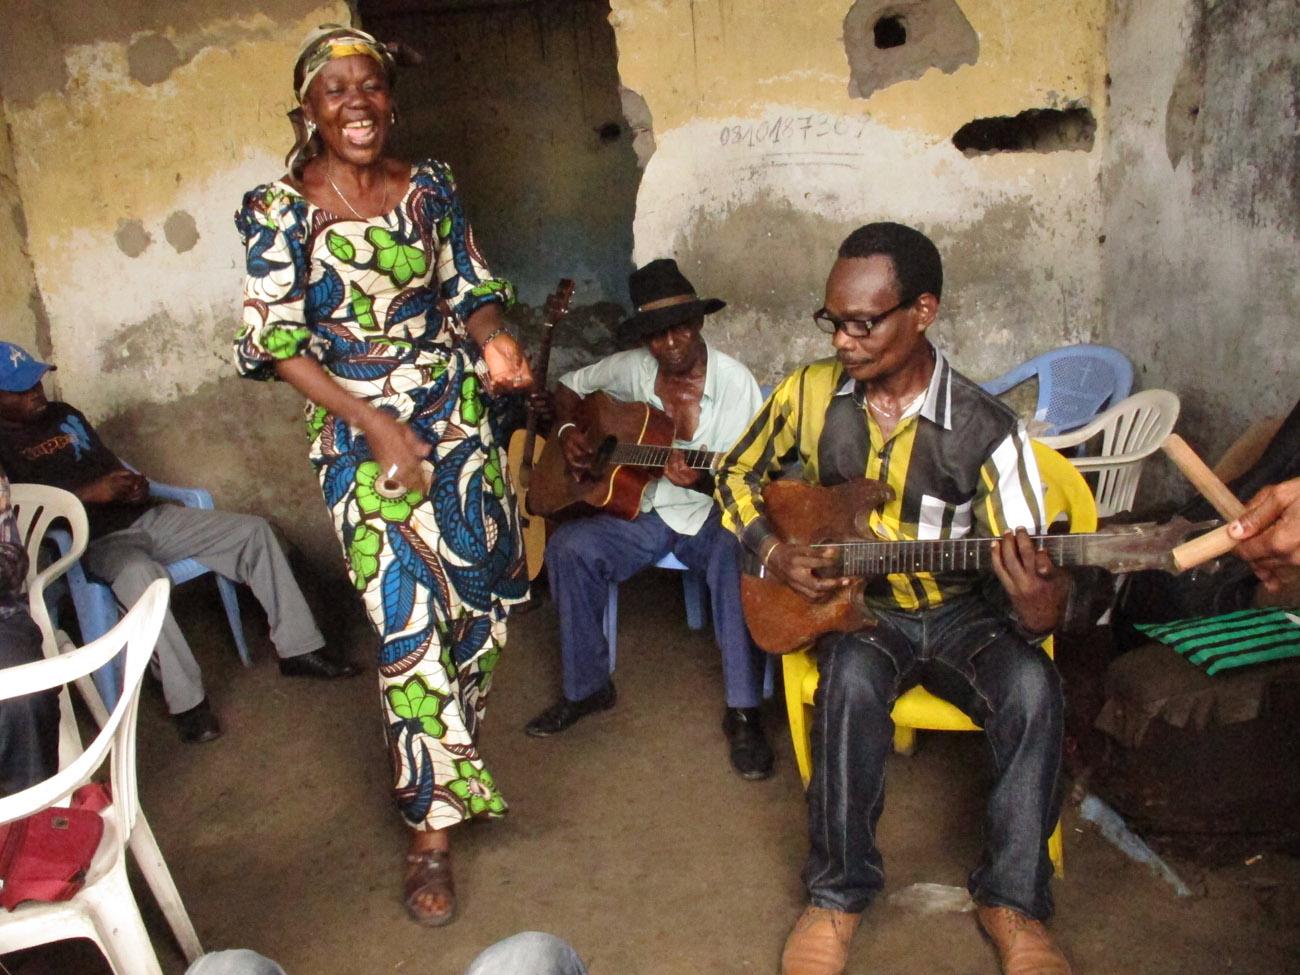 El Congo. El Congo suena a soukous